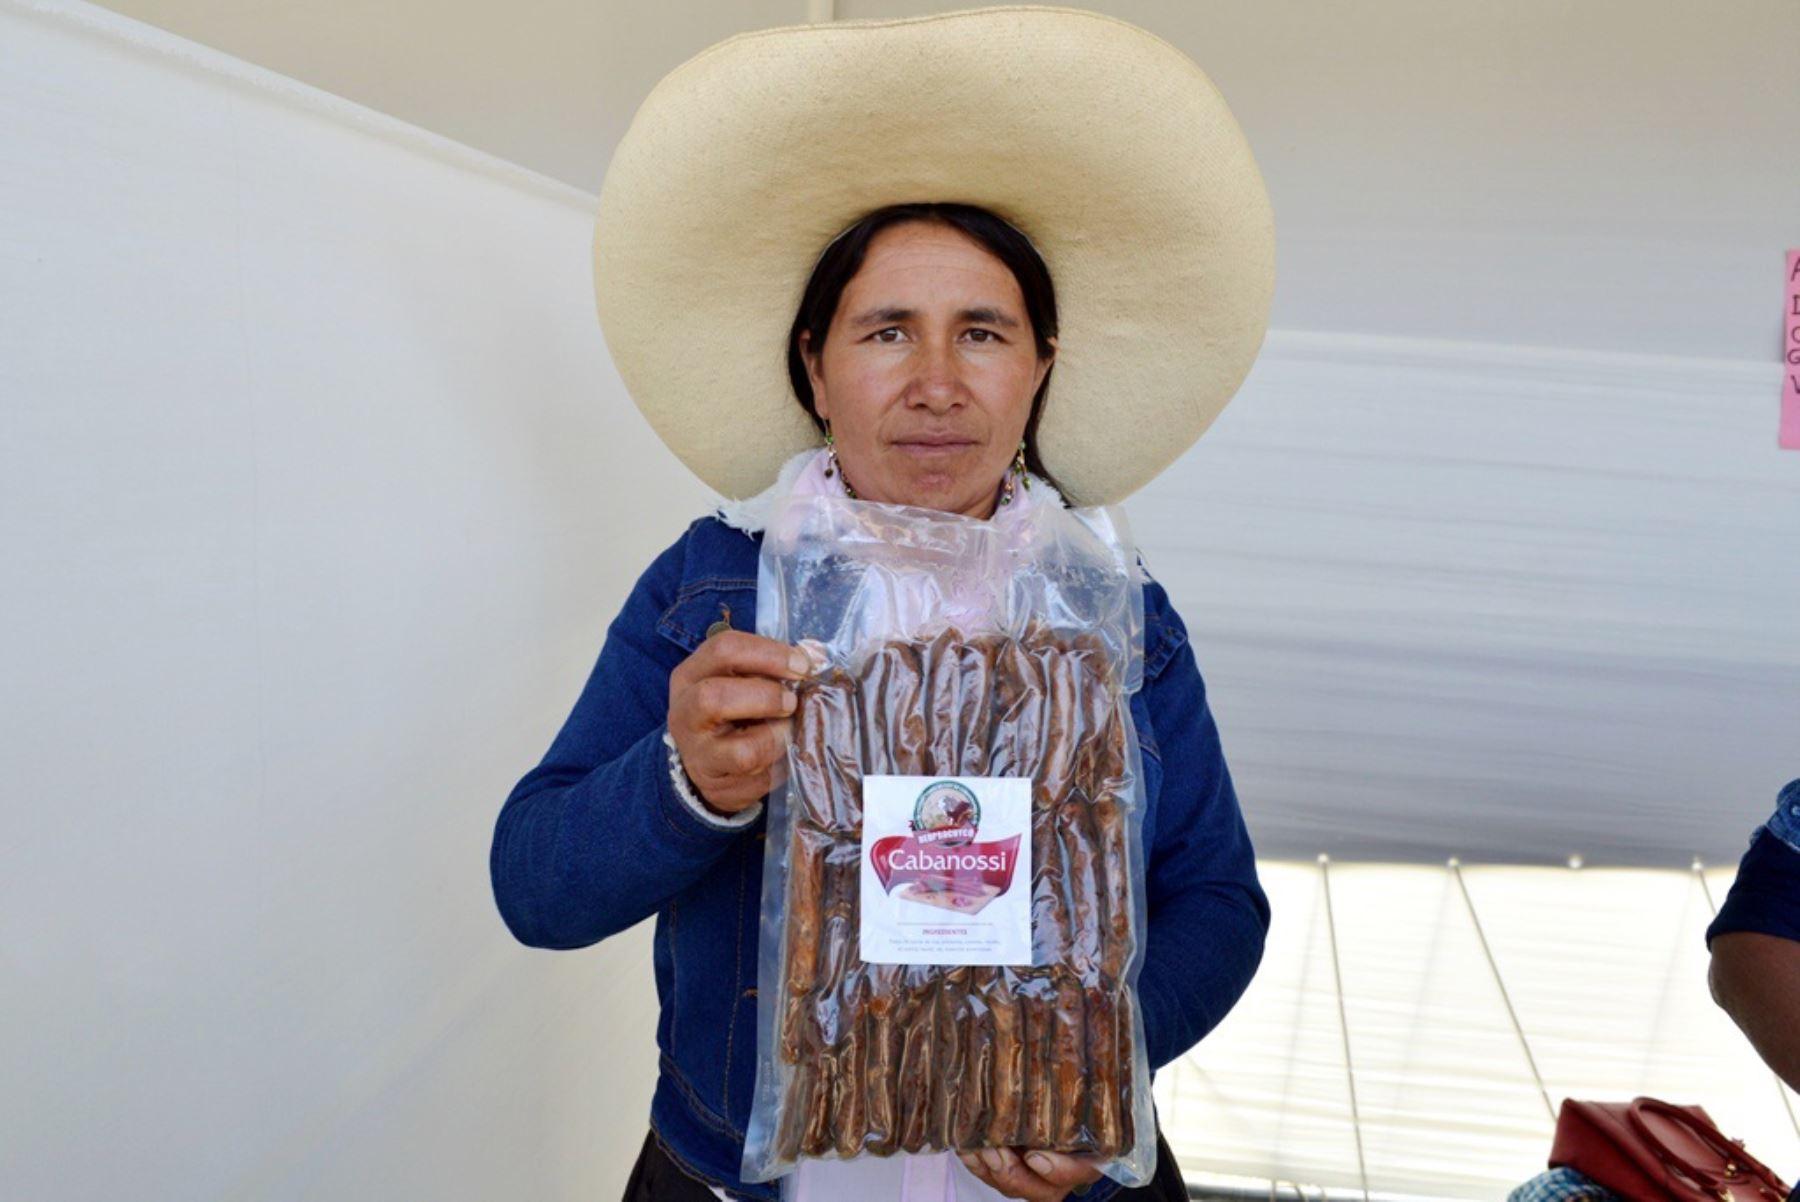 Productores del distrito de Condebamba (Cajamarca) elaboran cabanossi de cuy, con el propósito de contribuir a reducir la anemia. Foto: ANDINA/Eduard Lozano